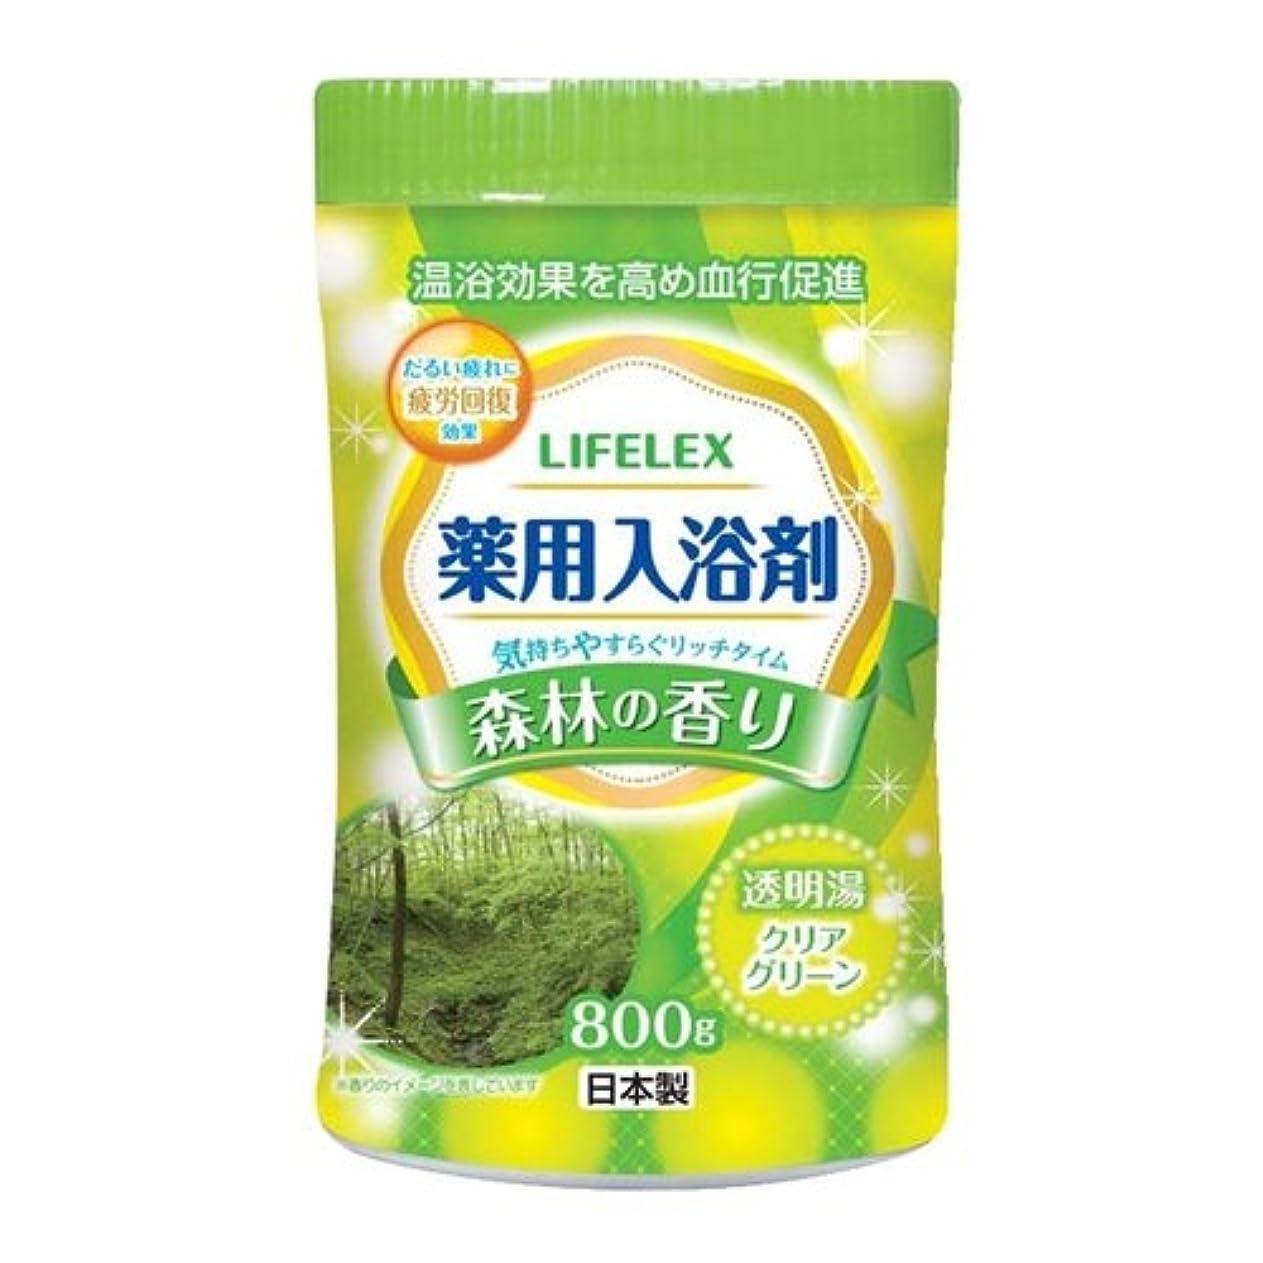 アラブゆでる分子コーナンオリジナル 薬用入浴剤 森林の香り 800g